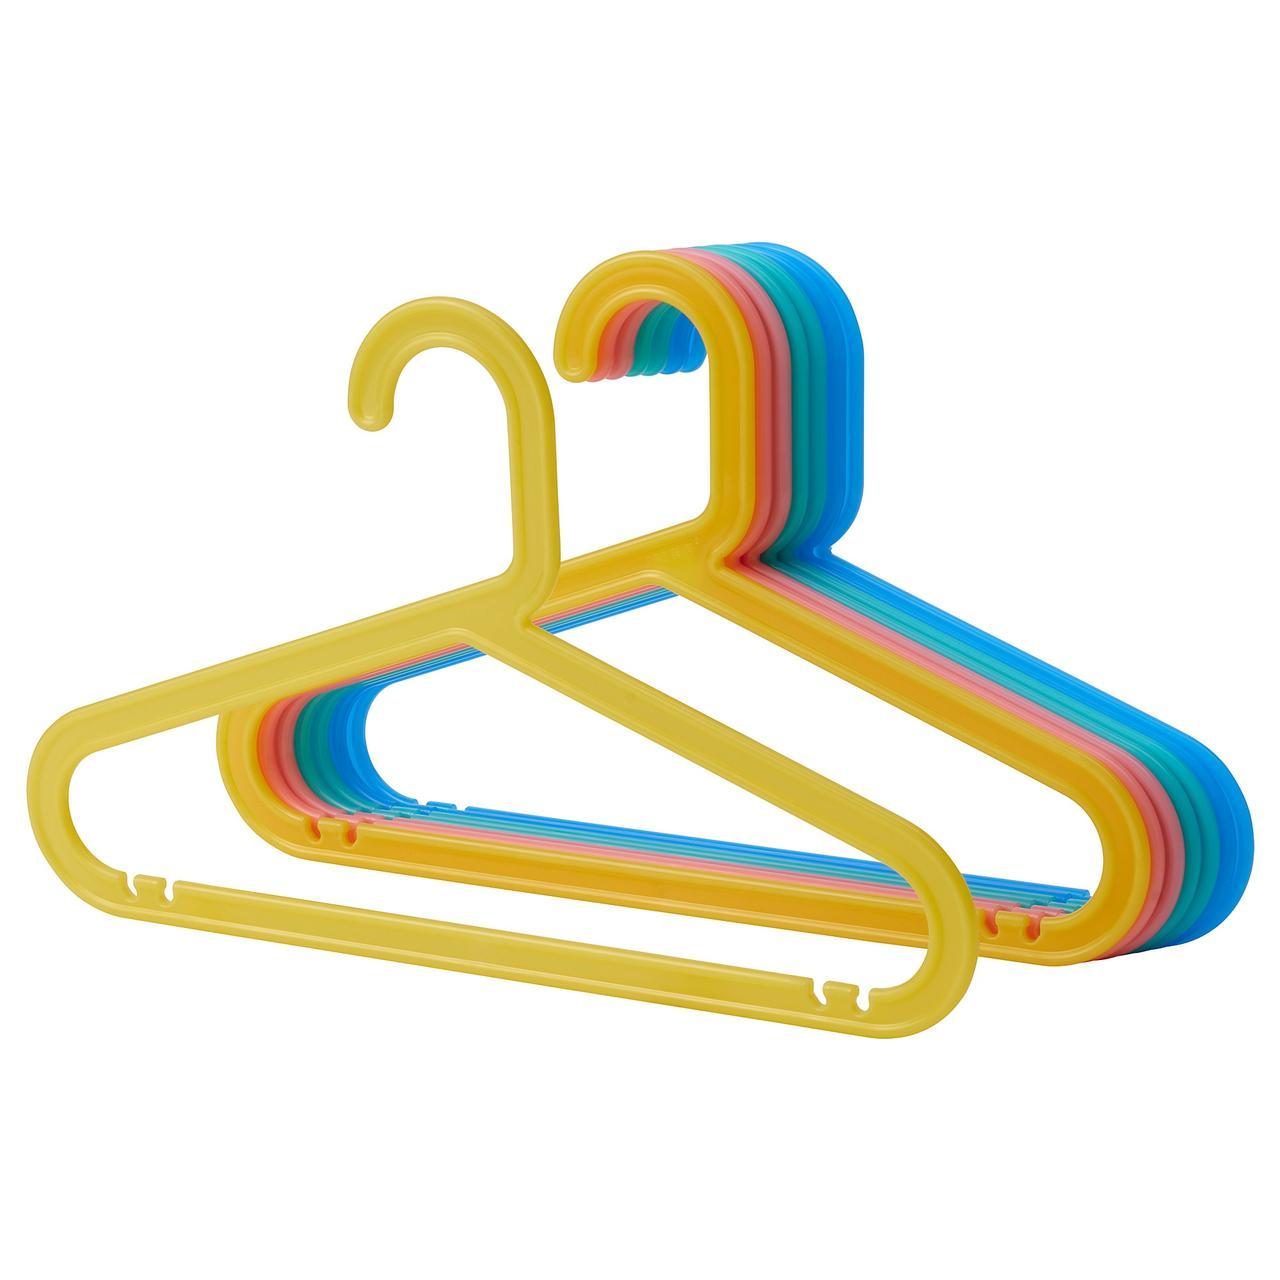 Вешалка для детской верхней одежды IKEA BAGIS 8 штук Разноцветные (004.665.98)